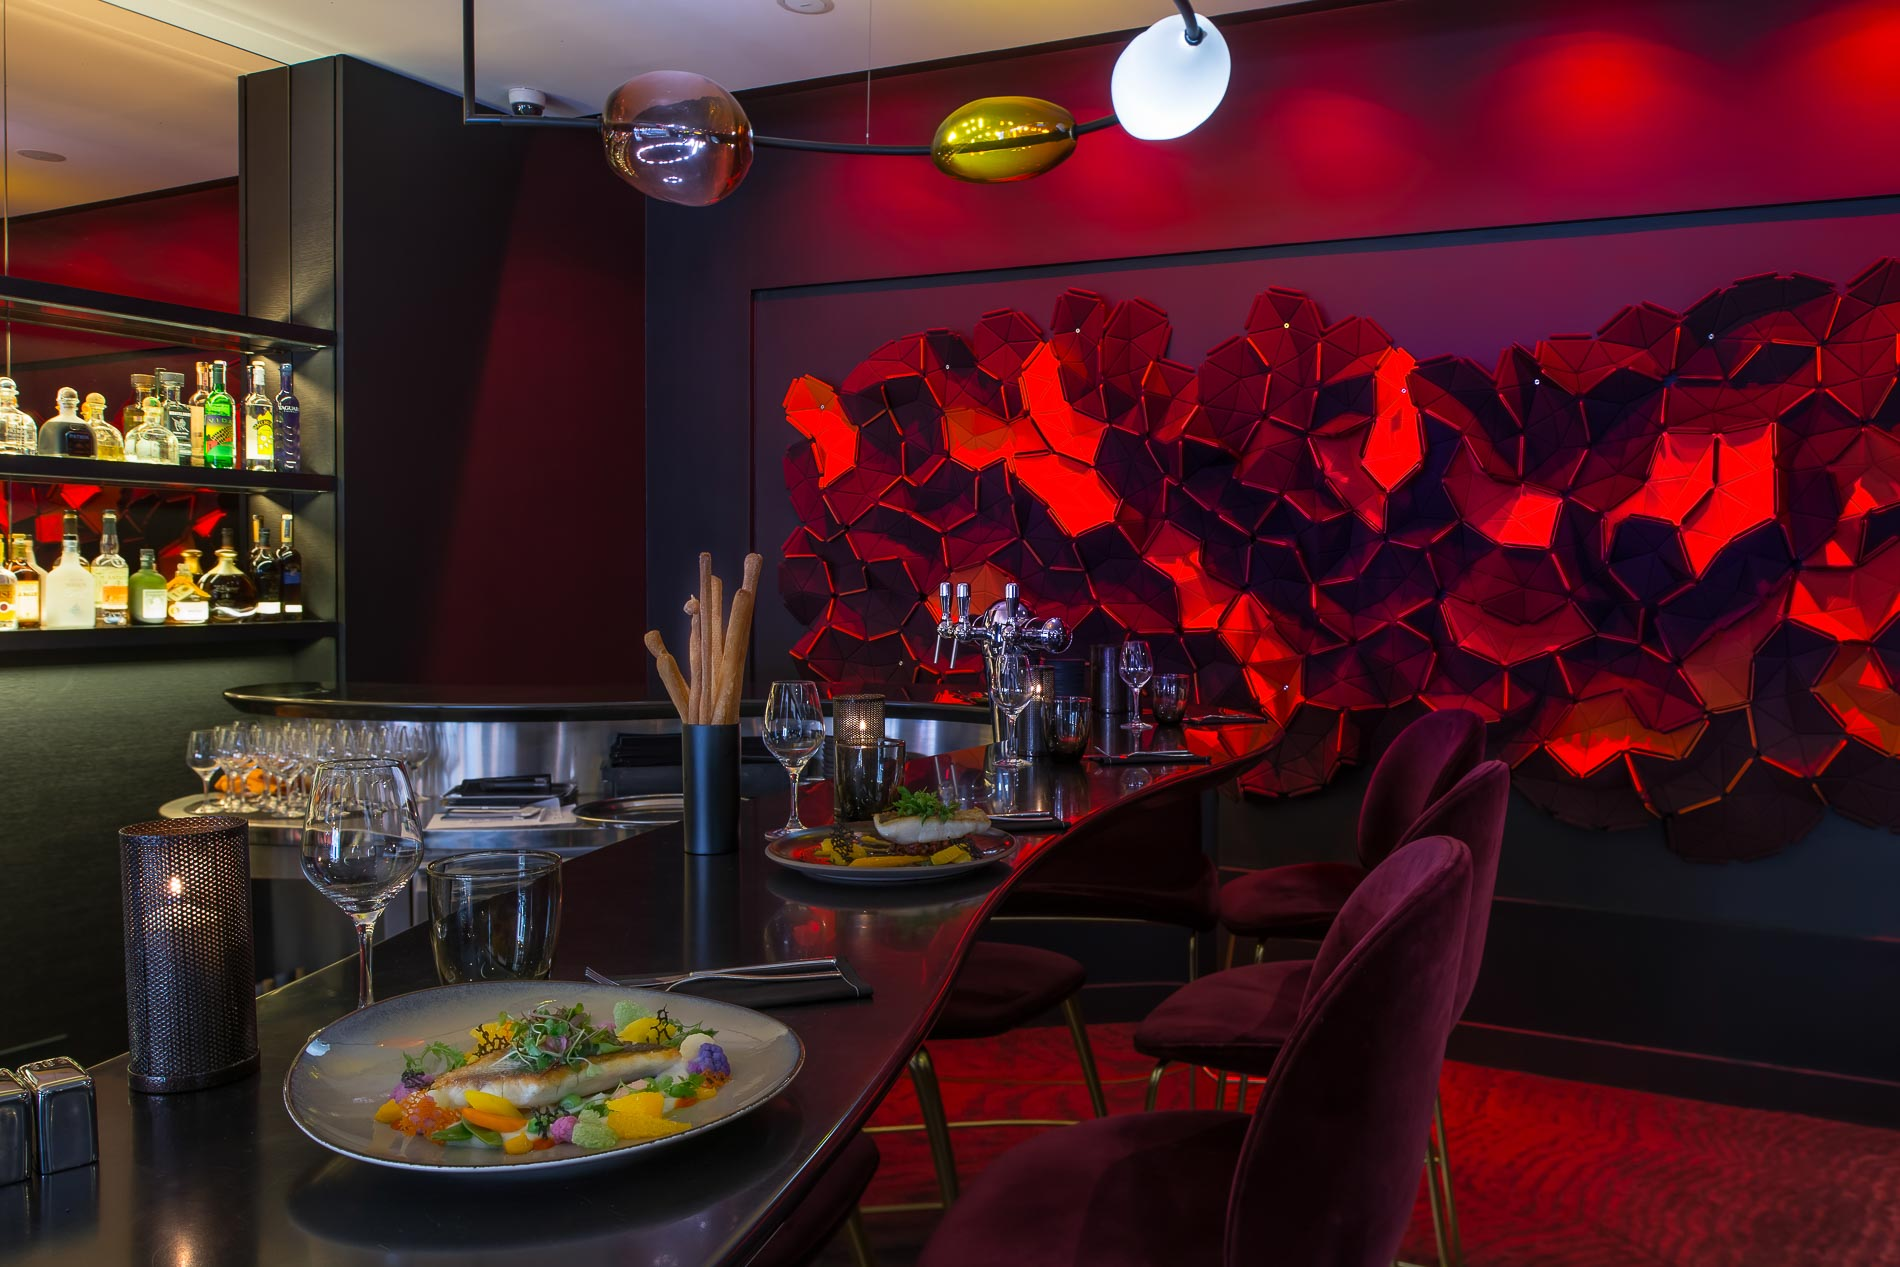 Il y a quelques jours, l'Hôtel Marignan (Paris 8ème) dévoilait Limon, le restaurant successeur de Nubé, toujours sous la houlette du jeune chef colombien et chouchou des médias, Juan Arbelaez. On a testé pour vous cette nouvelle table mettant à l'honneur... les agrumes !